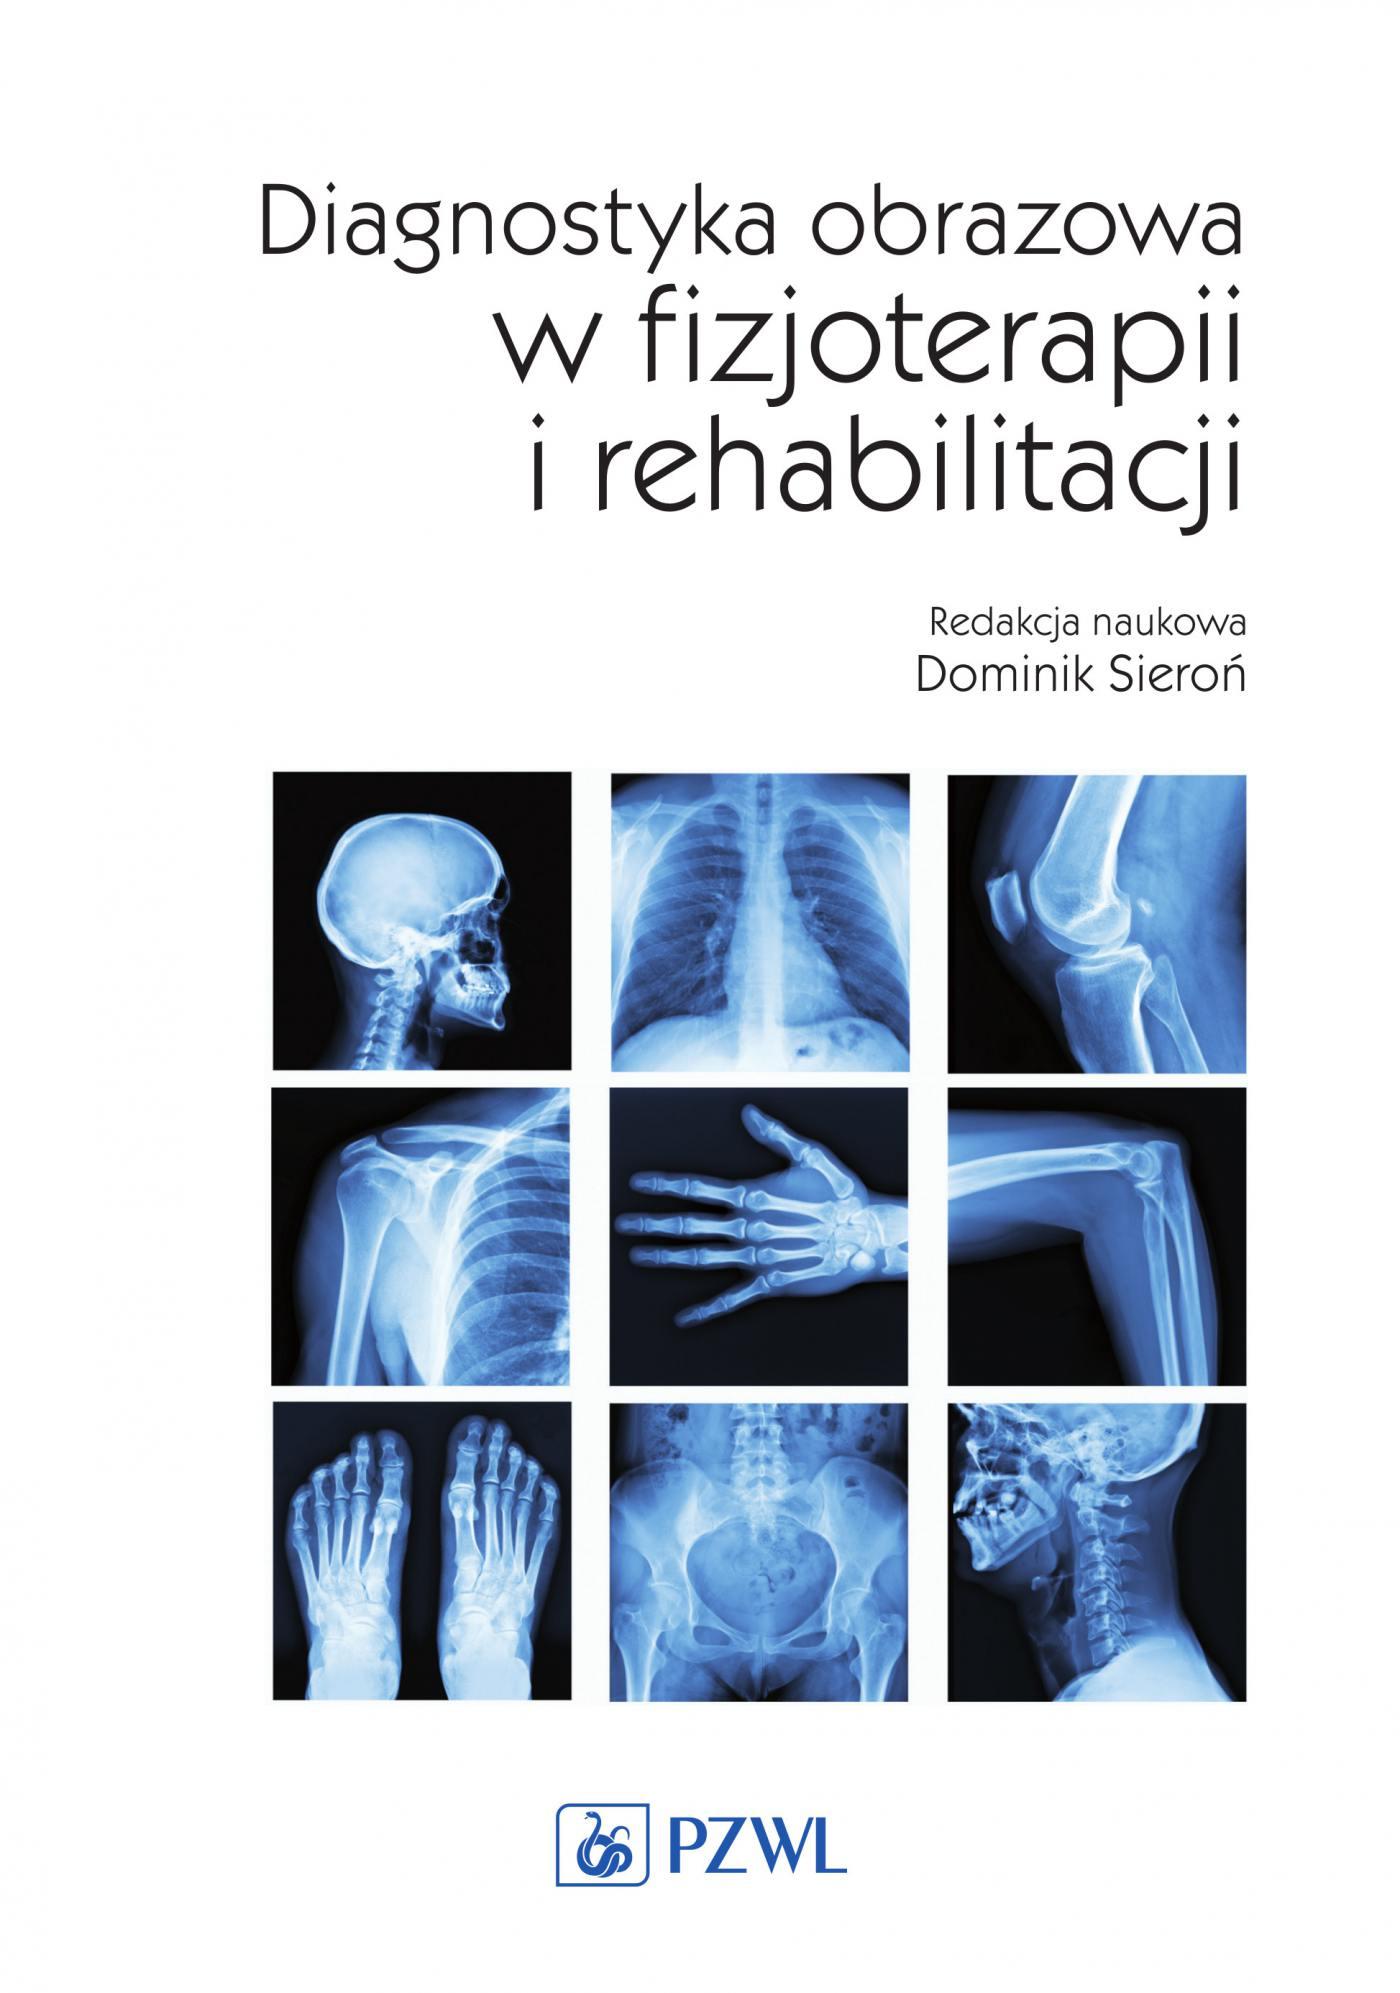 Diagnostyka obrazowa w fizjoterapii i rehabilitacji - Ebook (Książka na Kindle) do pobrania w formacie MOBI